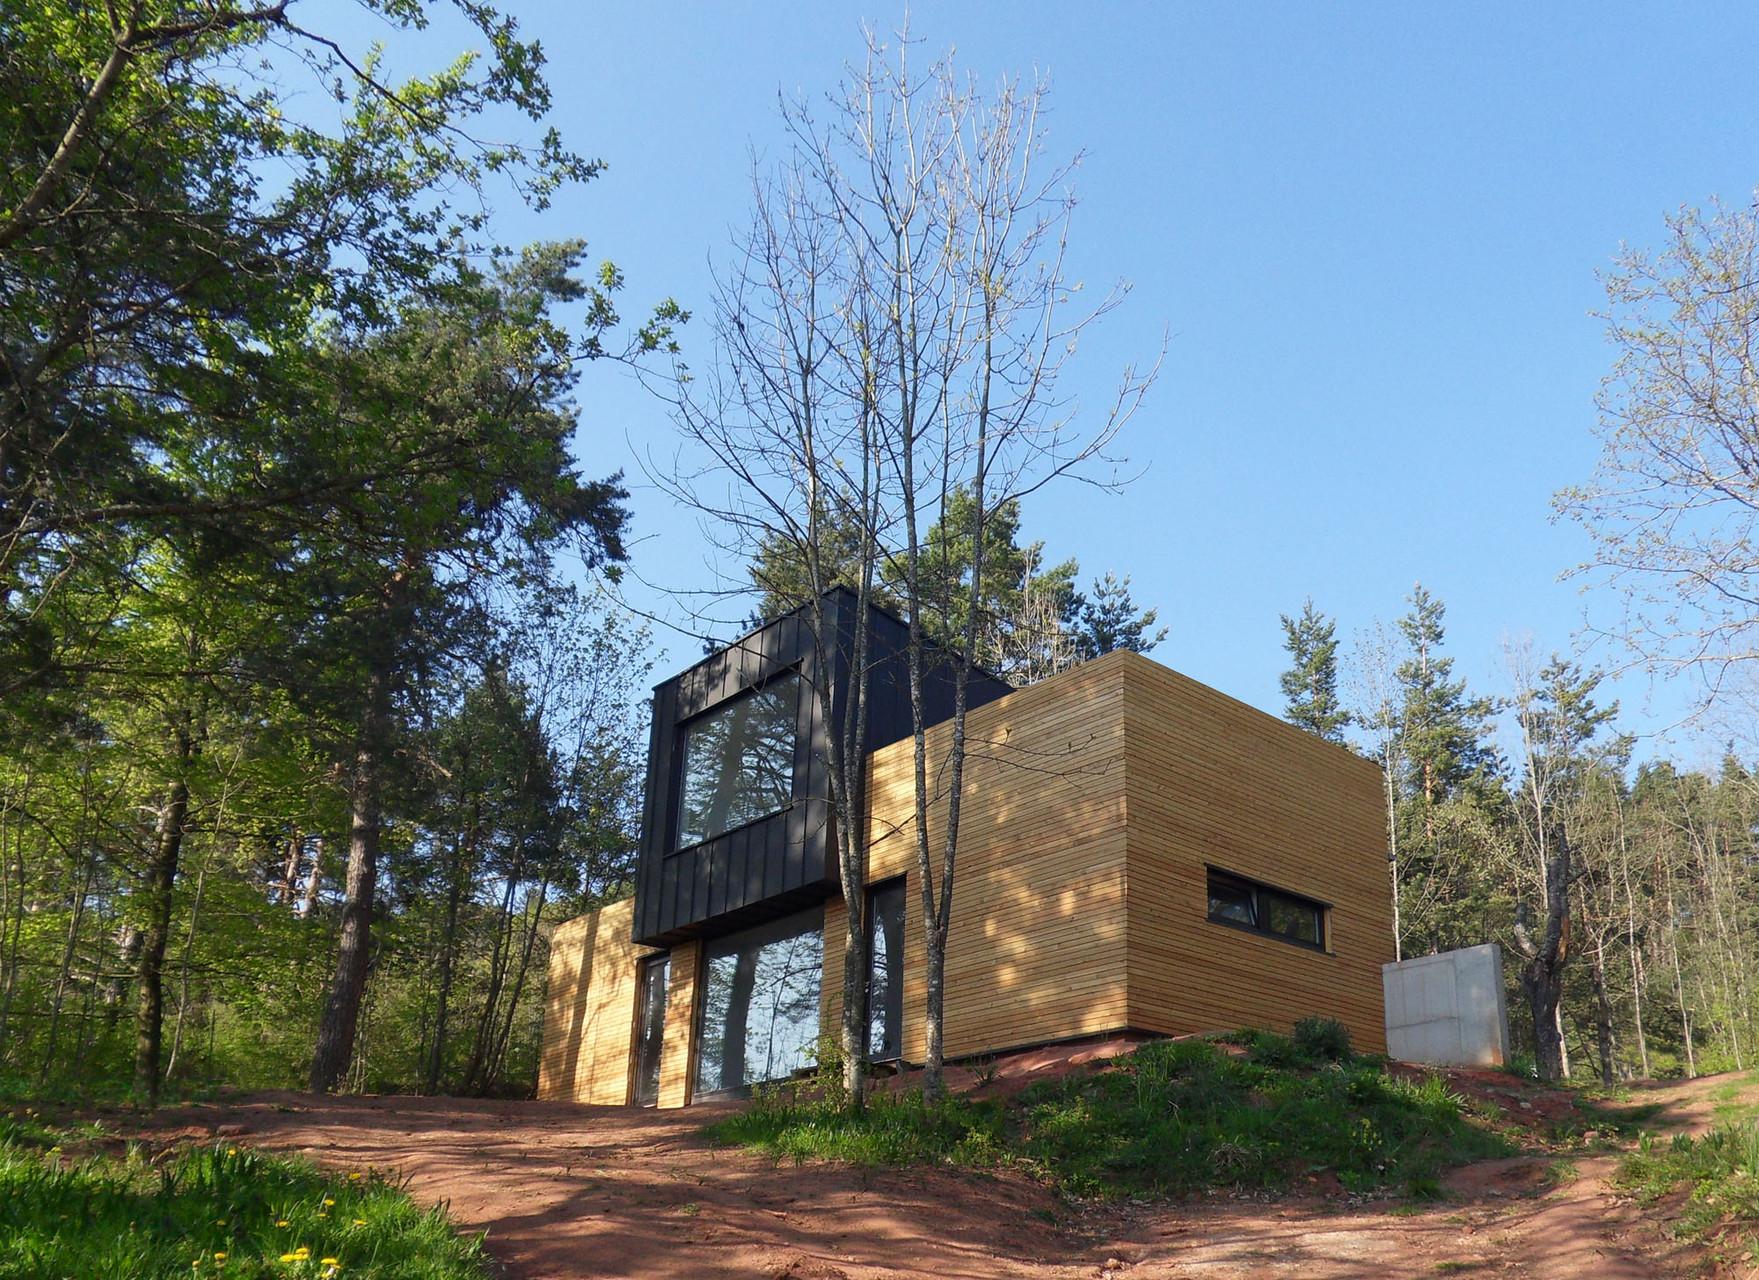 Maison de vacances au houssot anne bechtold jean guy for Construction bois vosges